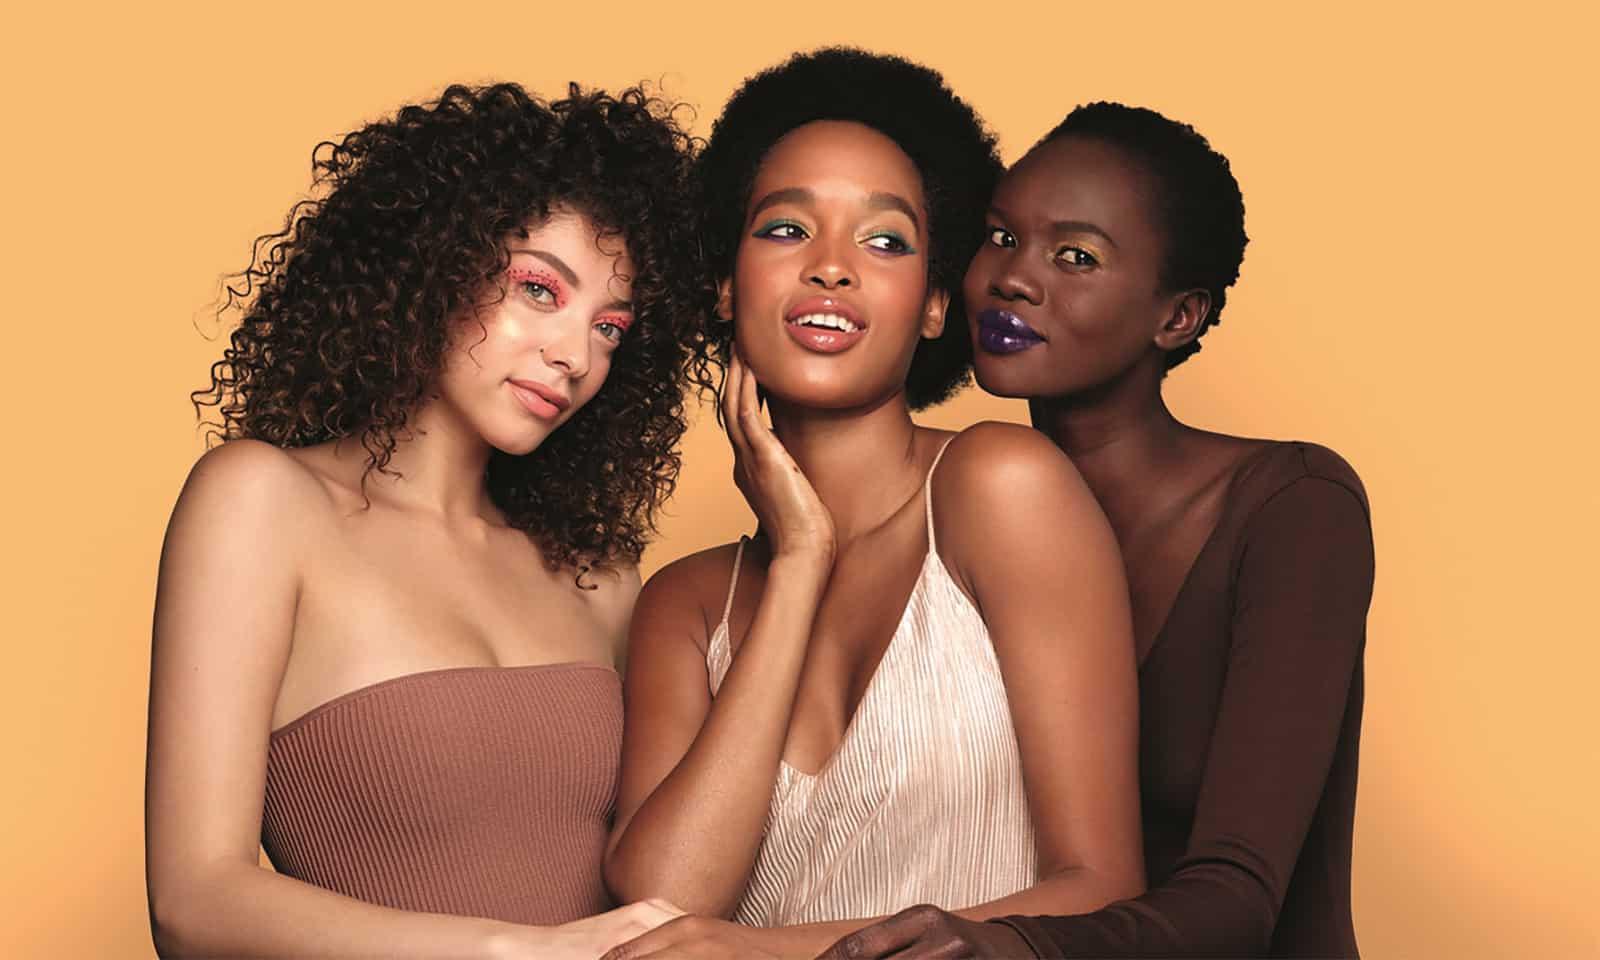 covergirls-new-line-covers-the-full-spectrum-of-women-cover-girl-full-spectrum-vgm